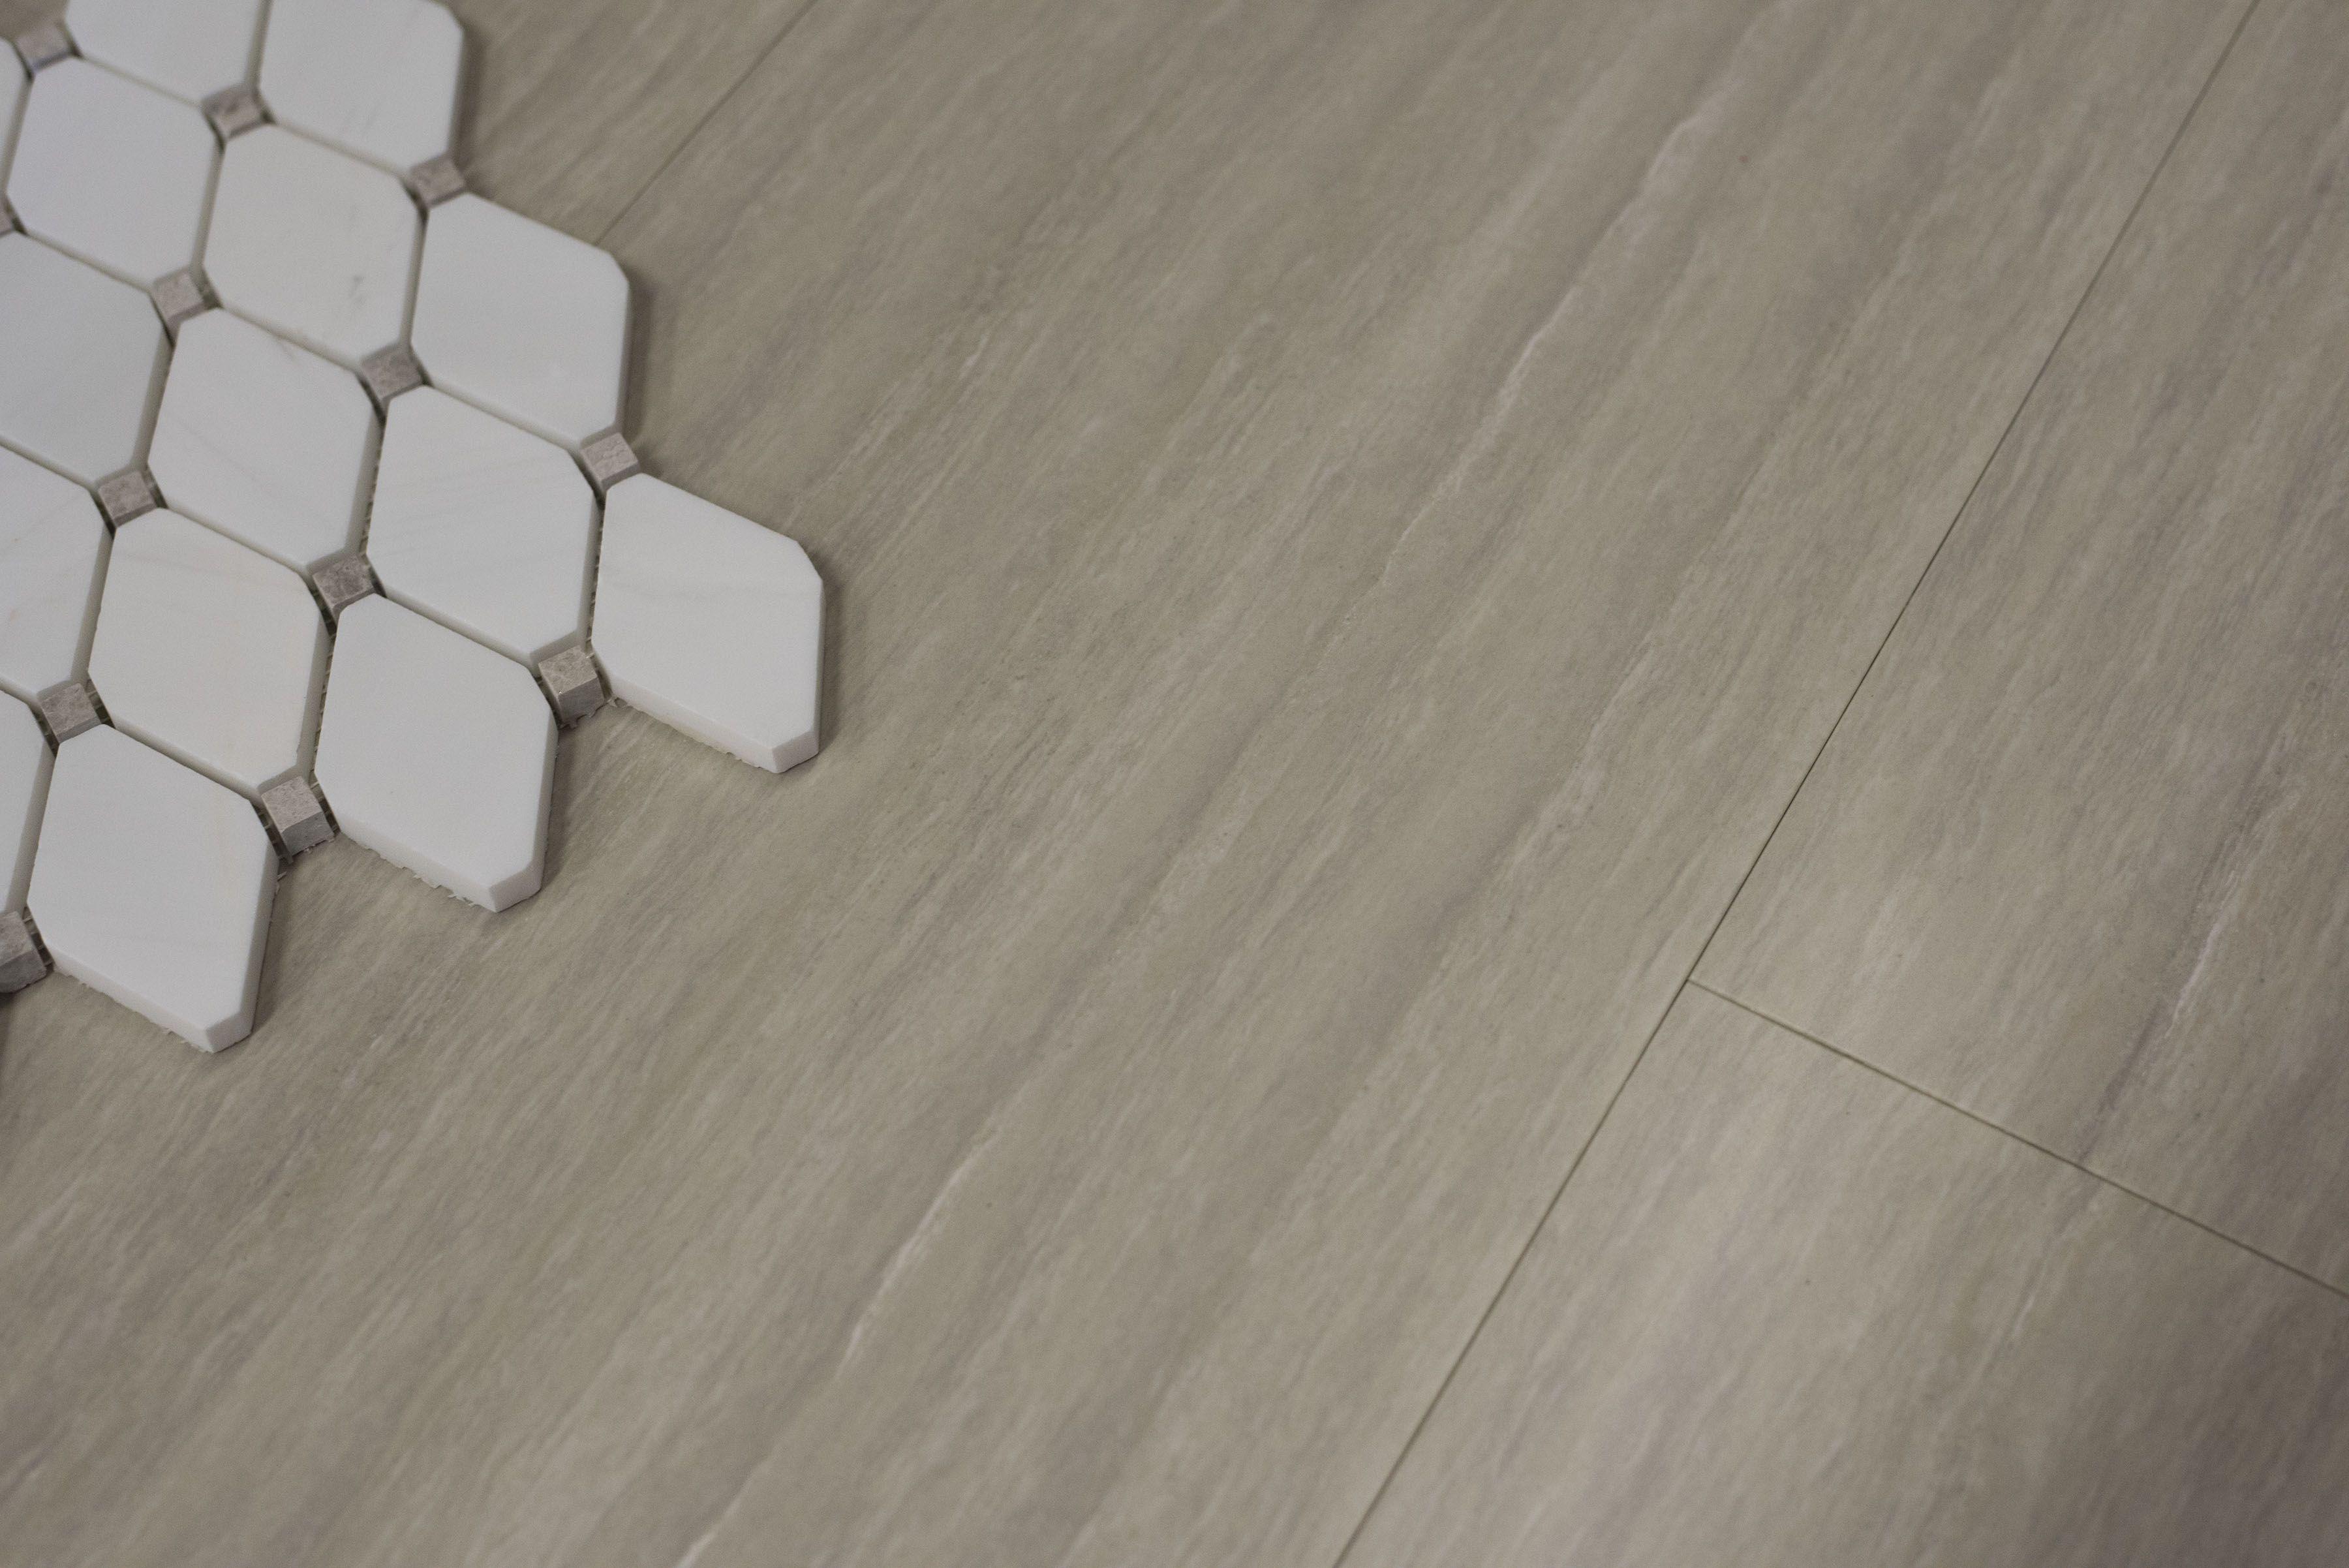 Ssf 5115 Soci Hardwood Floors Travertine Flooring